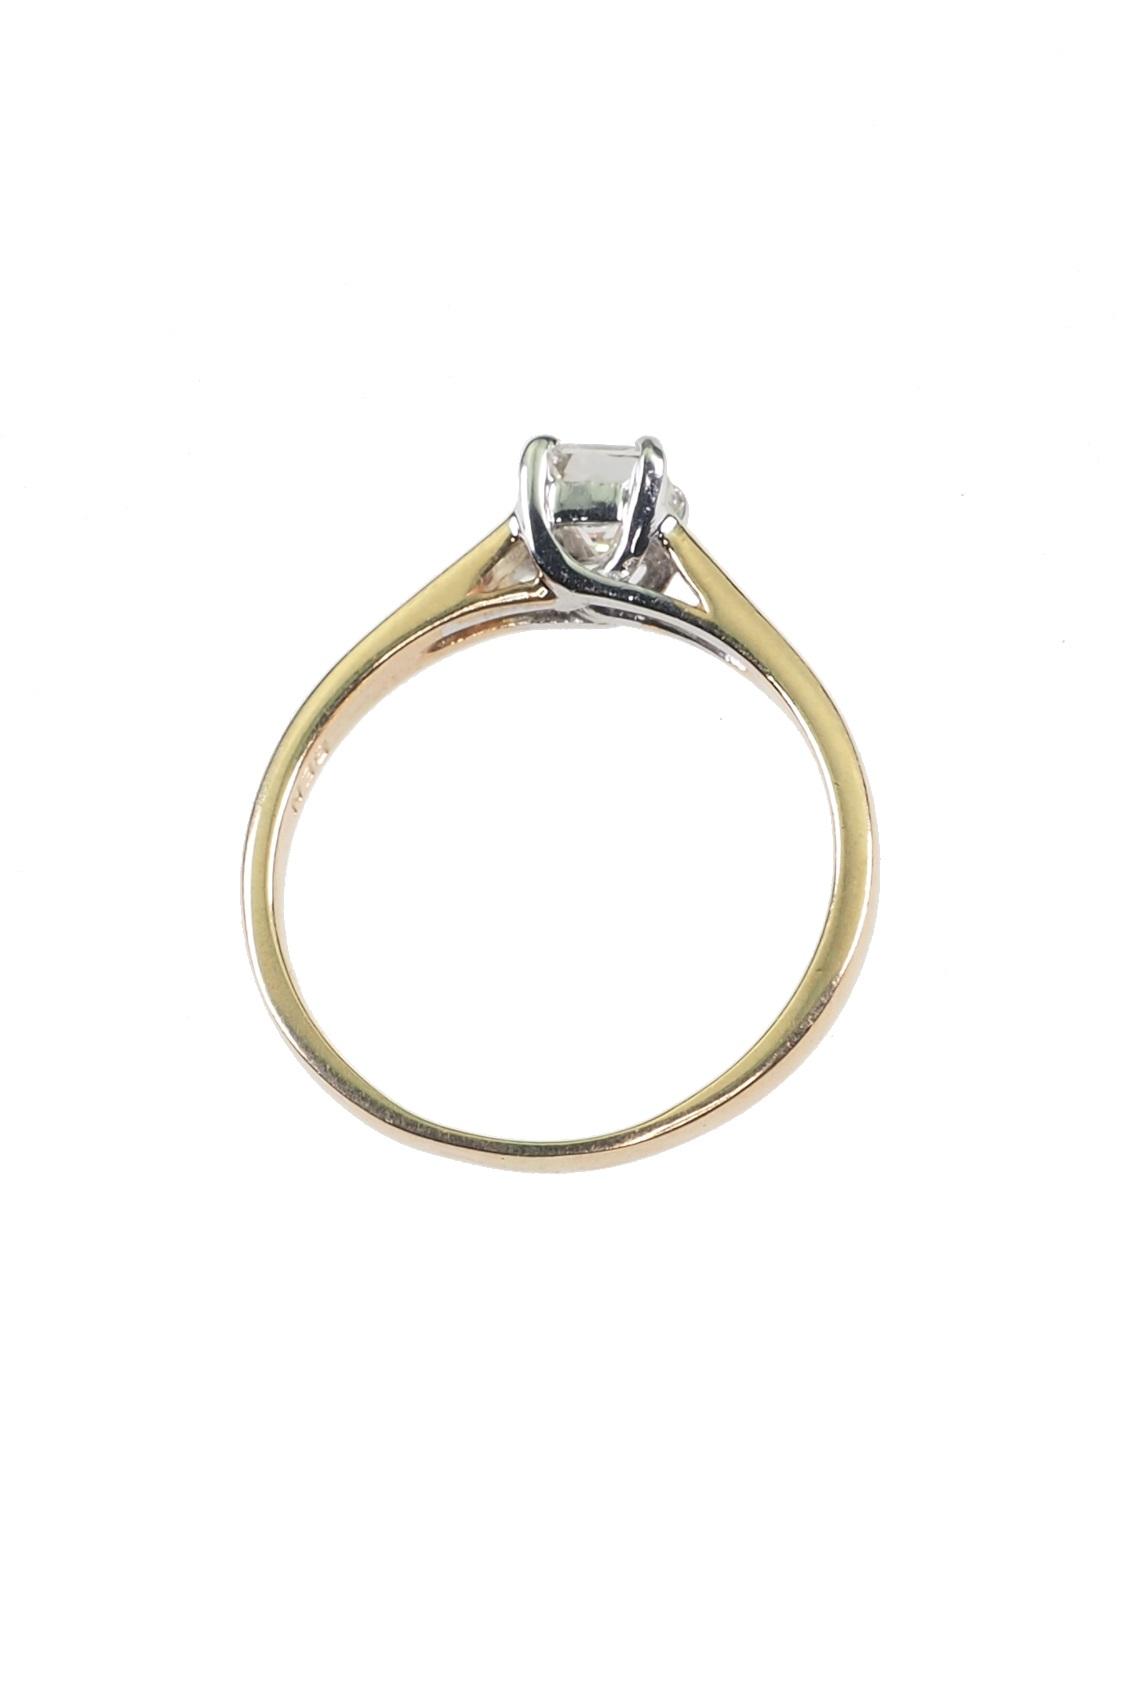 Verlobungsringe-online-kaufen-0970c